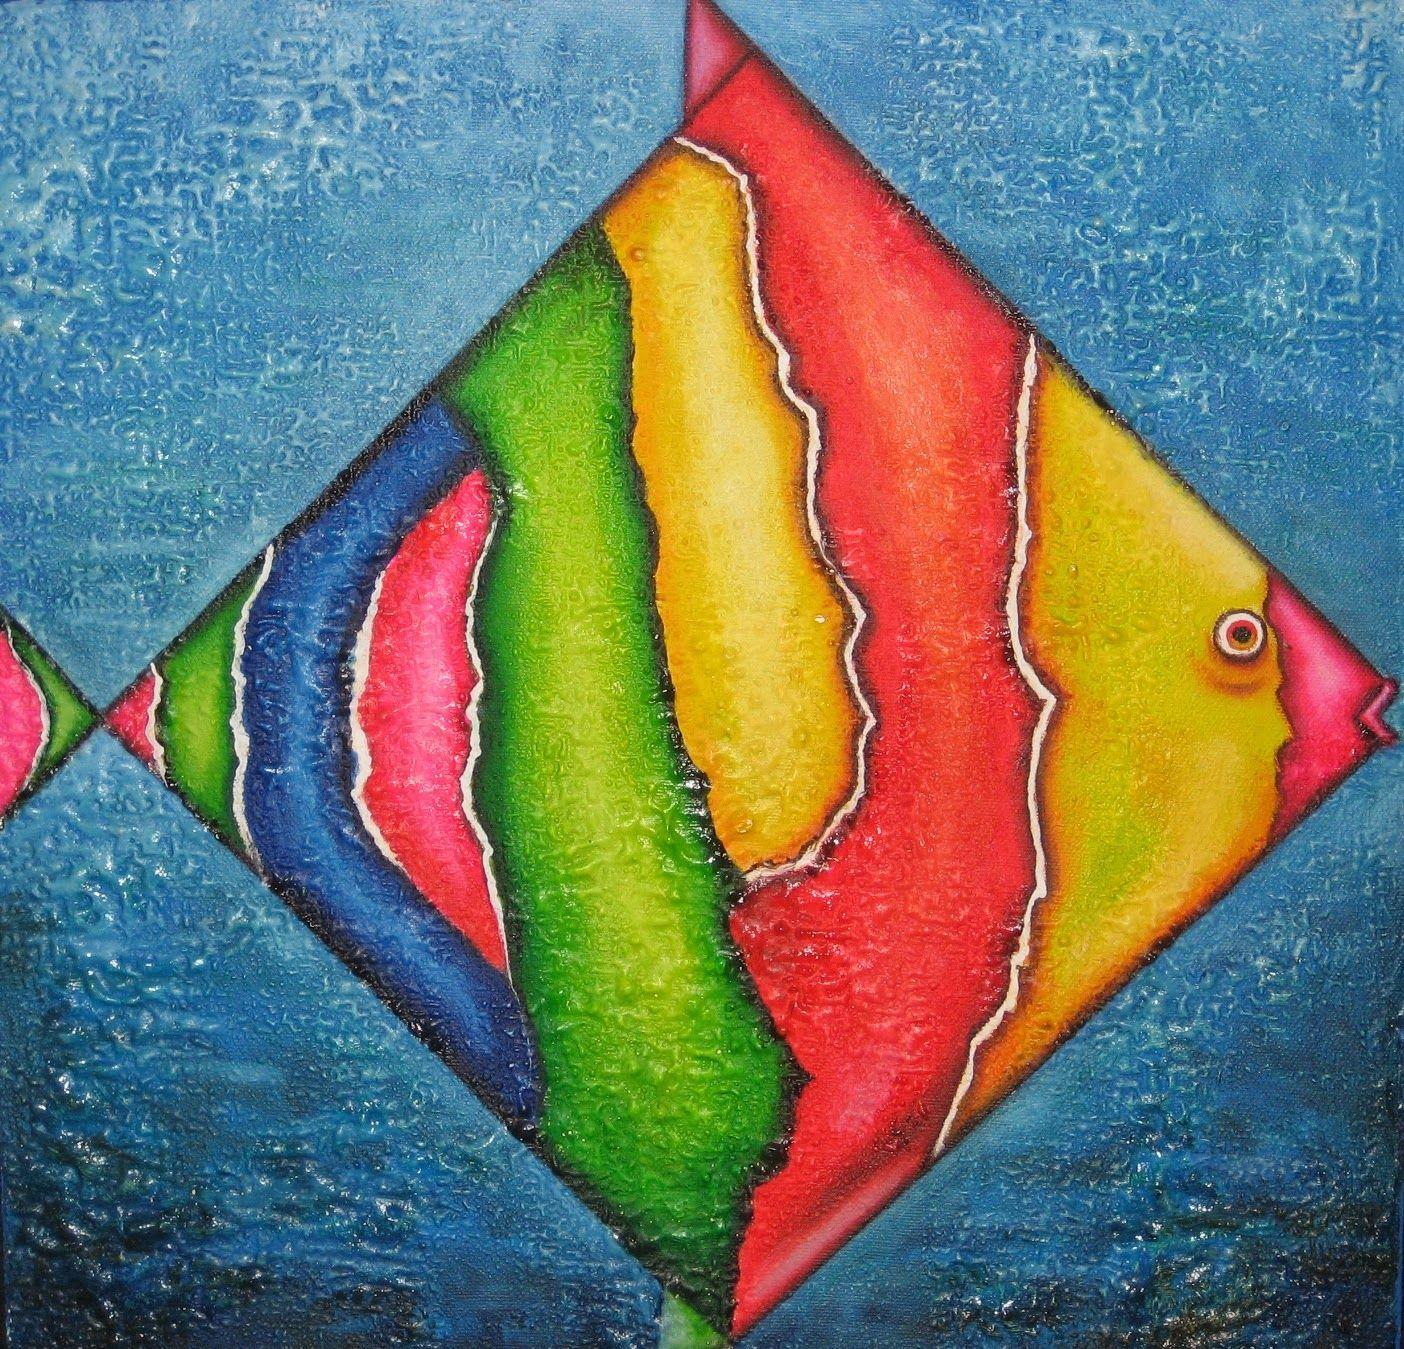 Cuadros Abstractos Geometricos 3 Jpg 1404 1349 Dibujos Abstractos Abstracto Proyectos De Arte Para Ninos